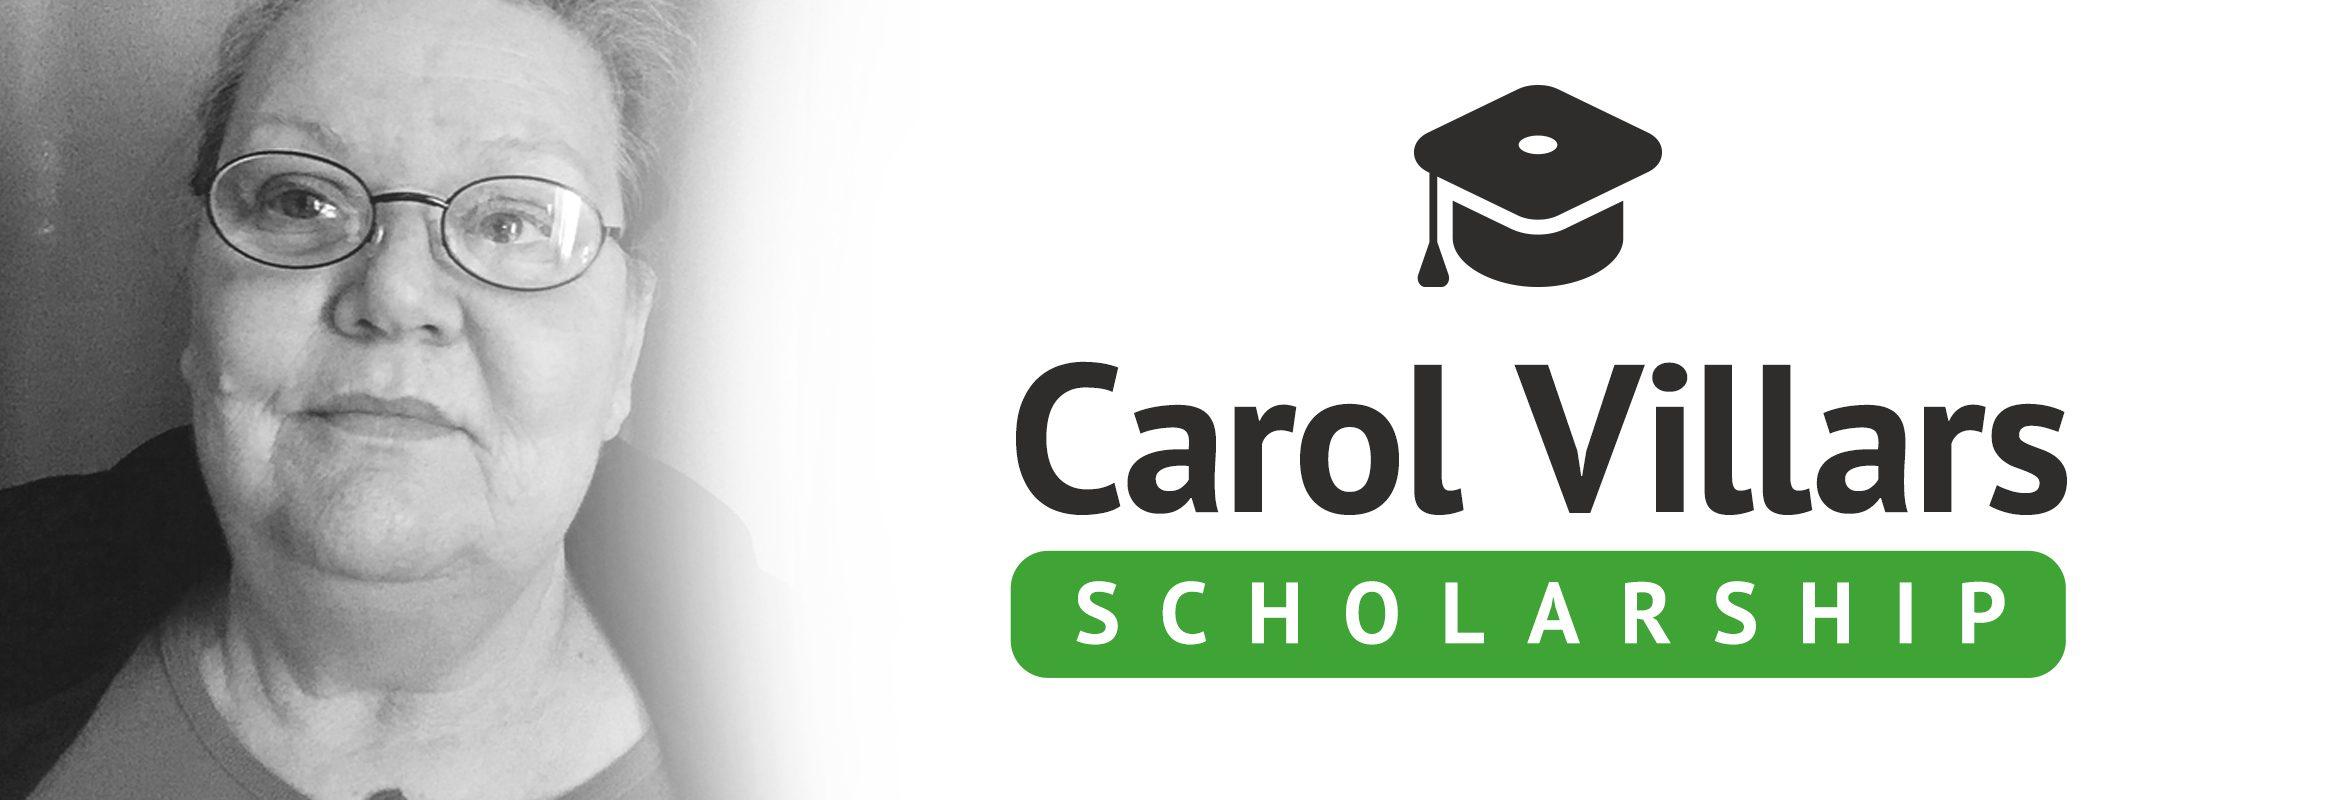 Carol Villars